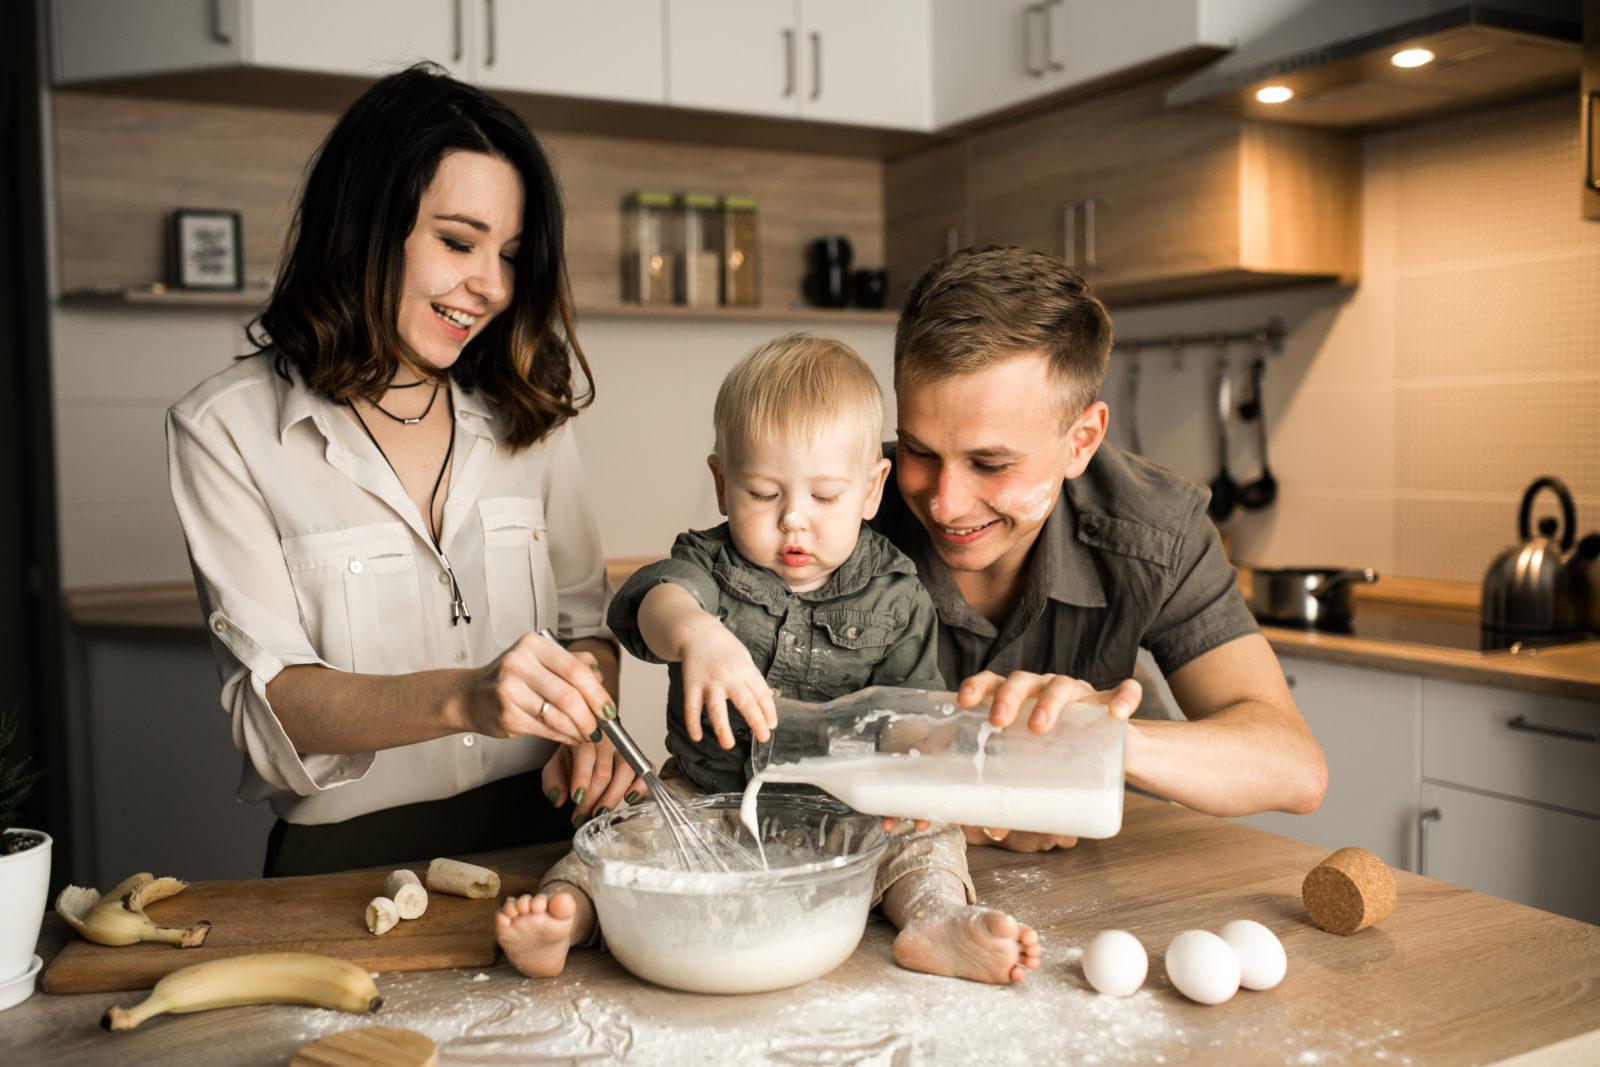 กิจกรรมครอบครัว